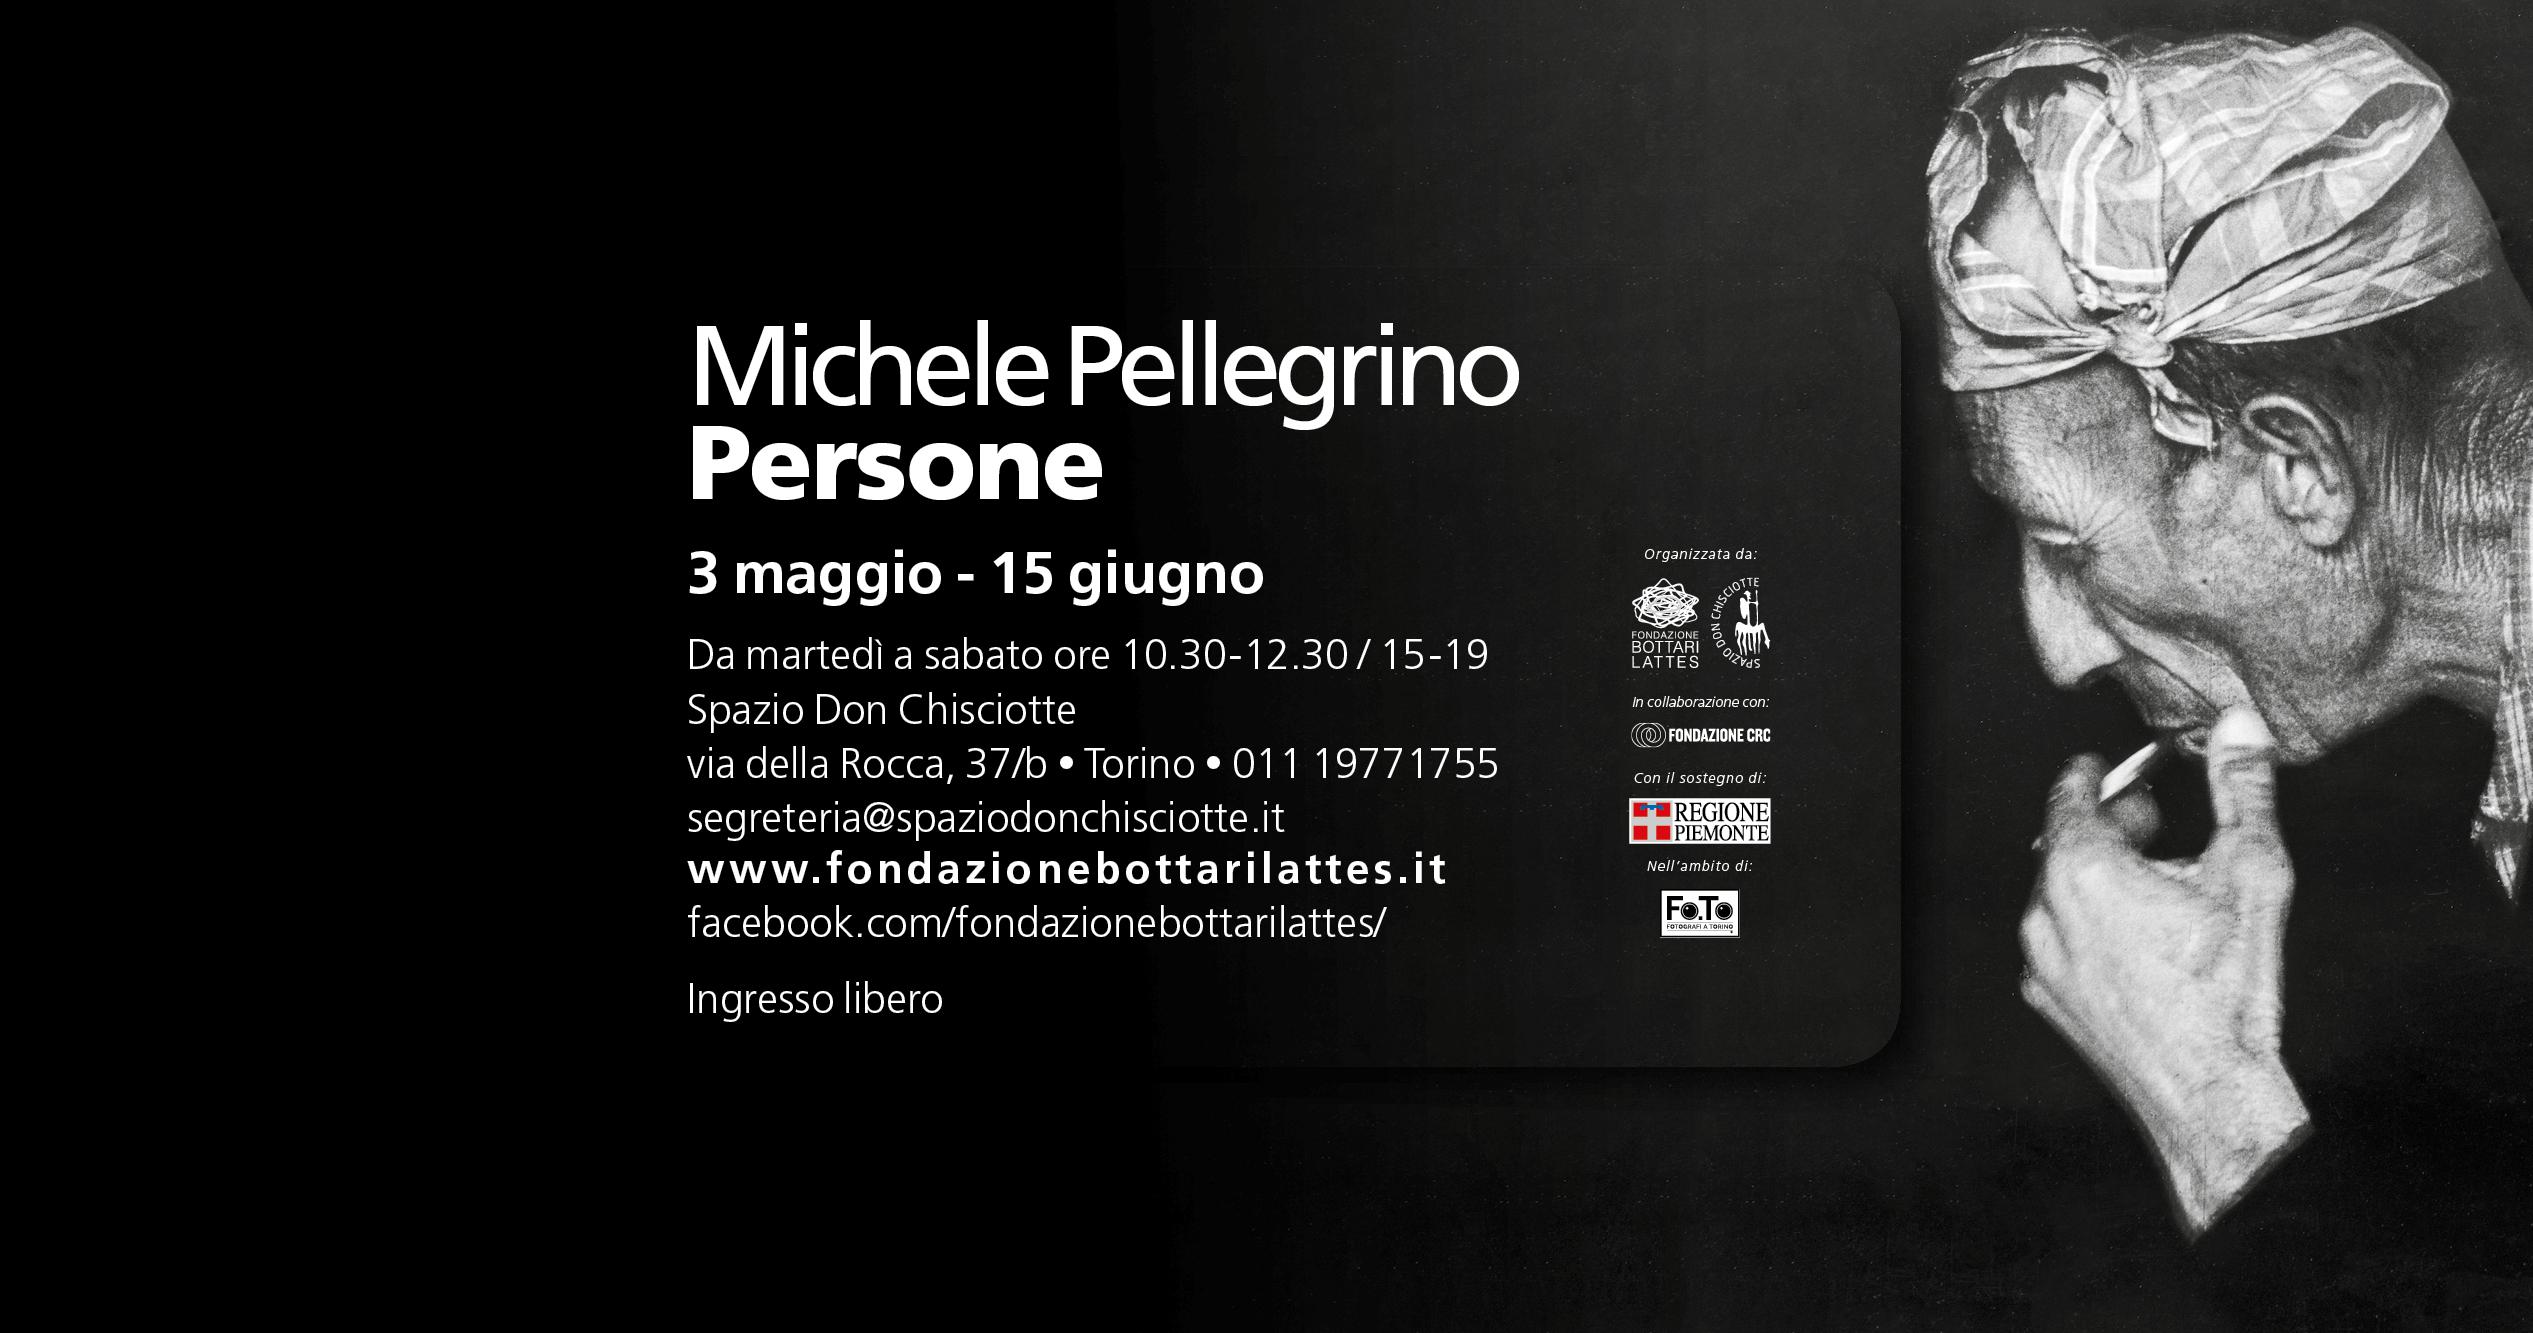 Michele Pellegrino. Persone